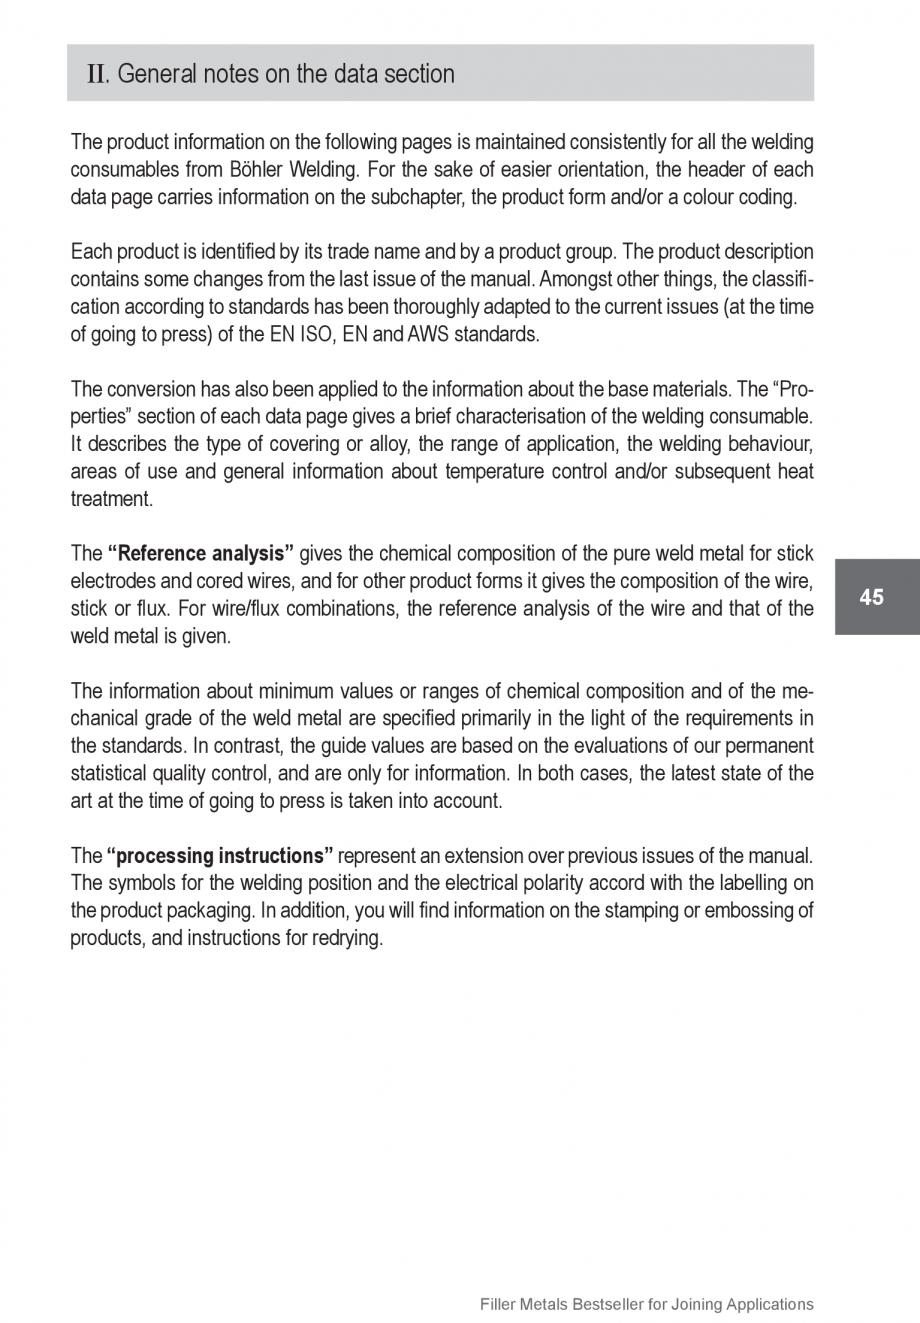 Pagina 45 - Solutii complete (materiale de adaos) pentru orice tip de aplicatie in sudare TEHNIC GAZ...